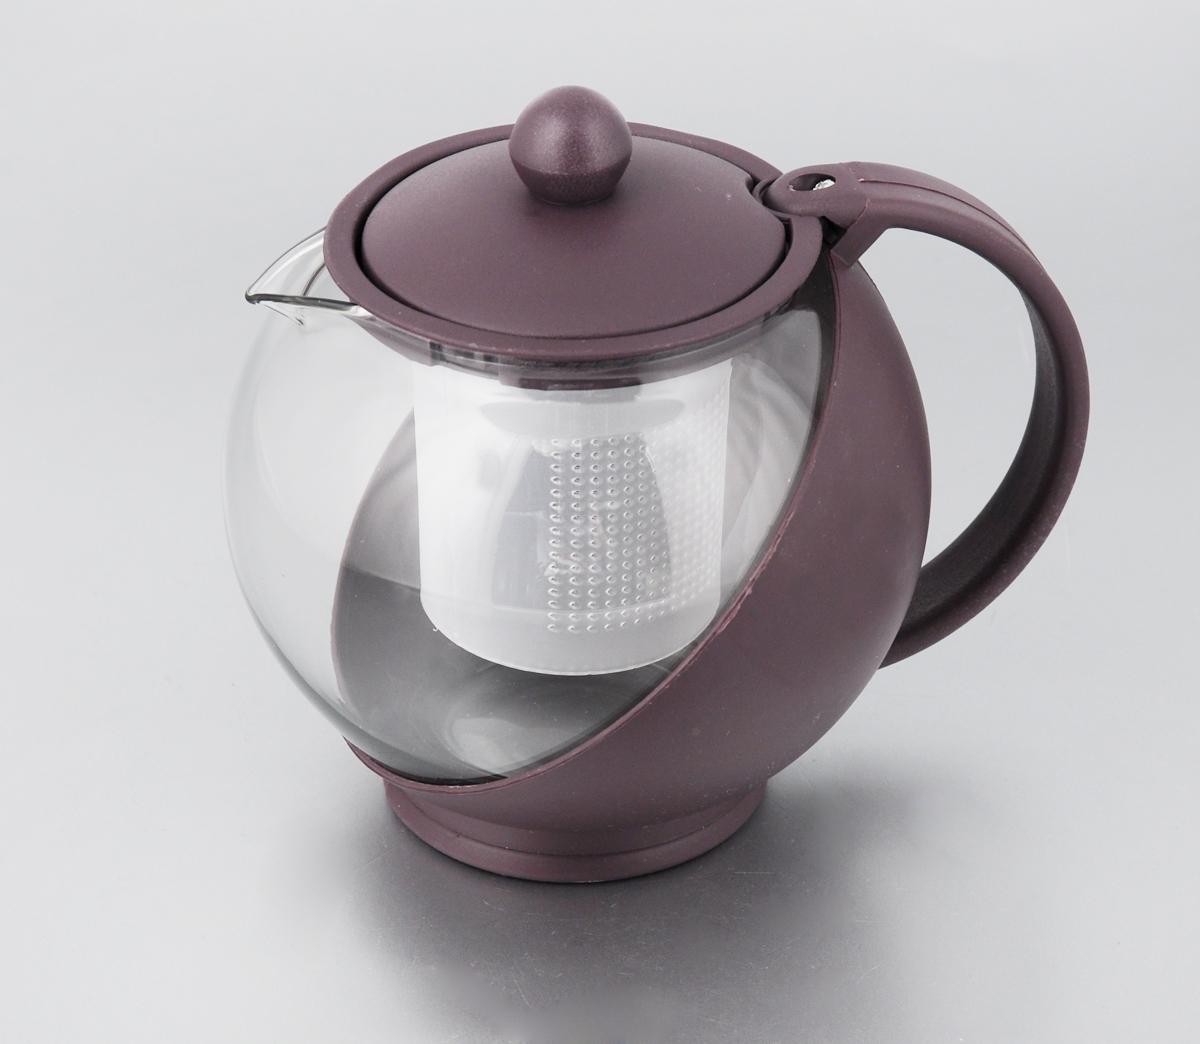 Чайник заварочный Miolla, с фильтром, цвет: фиолетовый, прозрачный, 750 мл. DHA021P/ADHA021P/A_фиолетовыйЗаварочный чайник Miolla изготовлен из жаропрочного стекла и термостойкого пластика. Чай в таком чайнике дольше остается горячим, а полезные и ароматические вещества полностью сохраняются в напитке. Чайник оснащен фильтром и крышкой. Простой и удобный чайник поможет вам приготовить крепкий, ароматный чай. Нельзя мыть в посудомоечной машине. Не использовать в микроволновой печи. Диаметр чайника (по верхнему краю): 7 см. Высота чайника (без учета крышки): 11,5 см. Высота фильтра: 7,5 см.